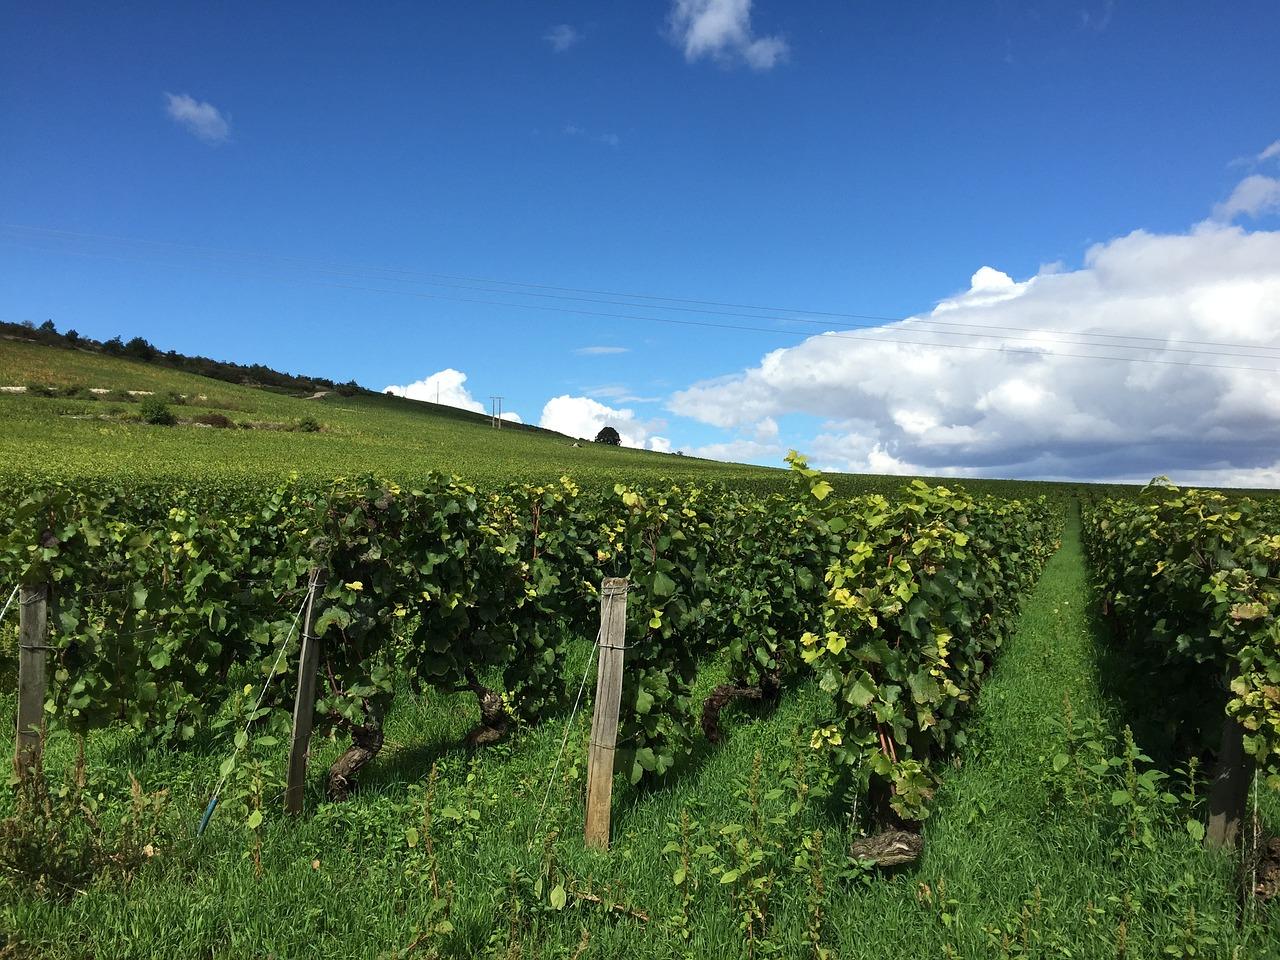 vineyard-1610271_1280.jpg